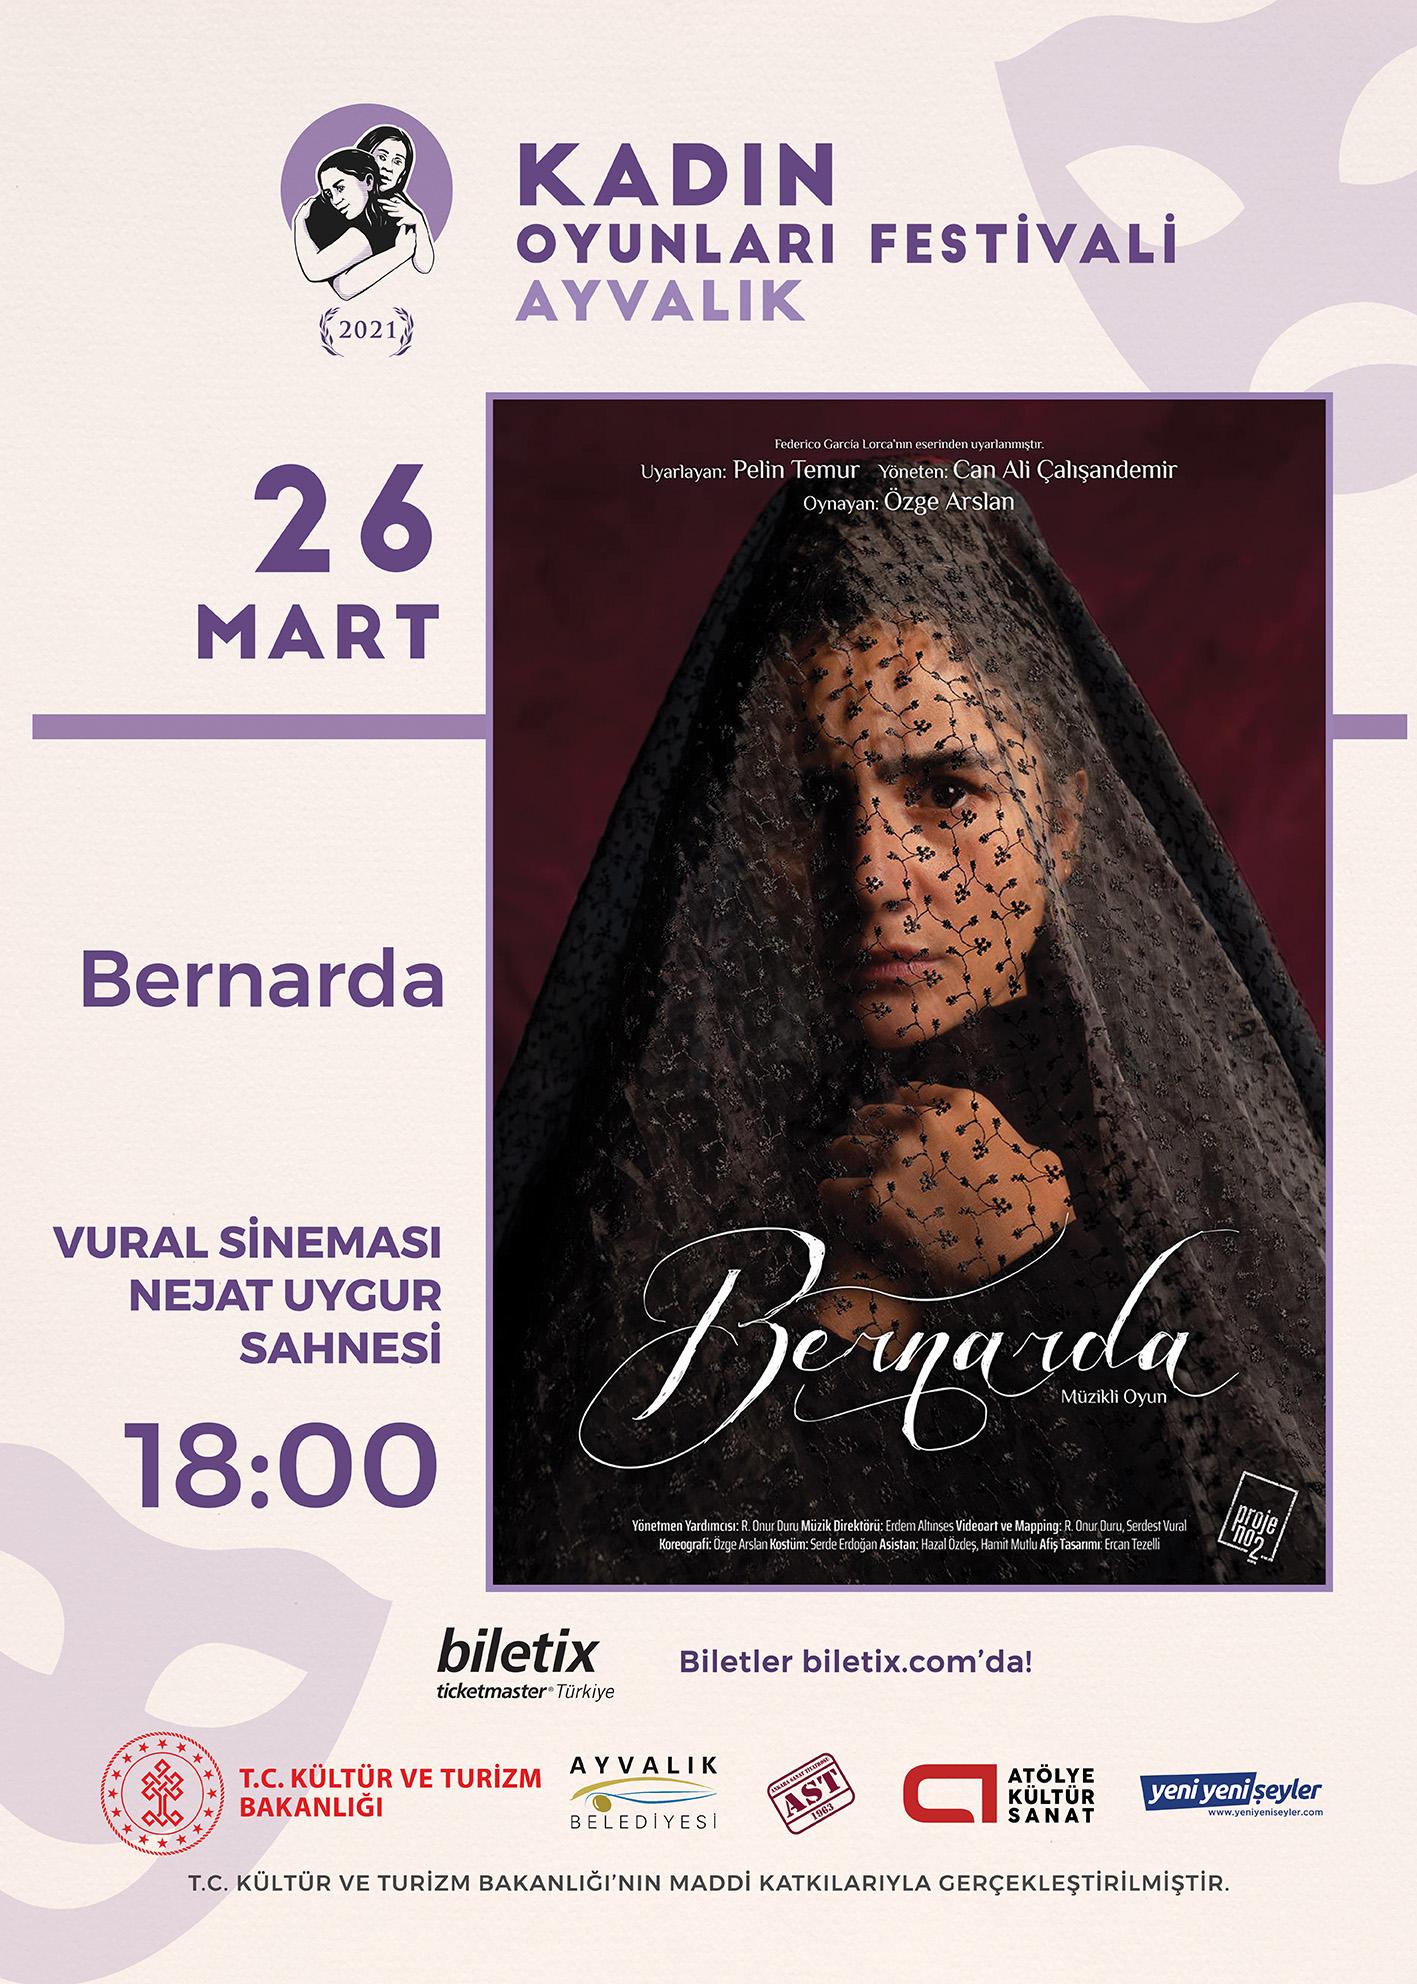 KTB - KOF 2021 Ayvalık - 26 Mart - Bernarda